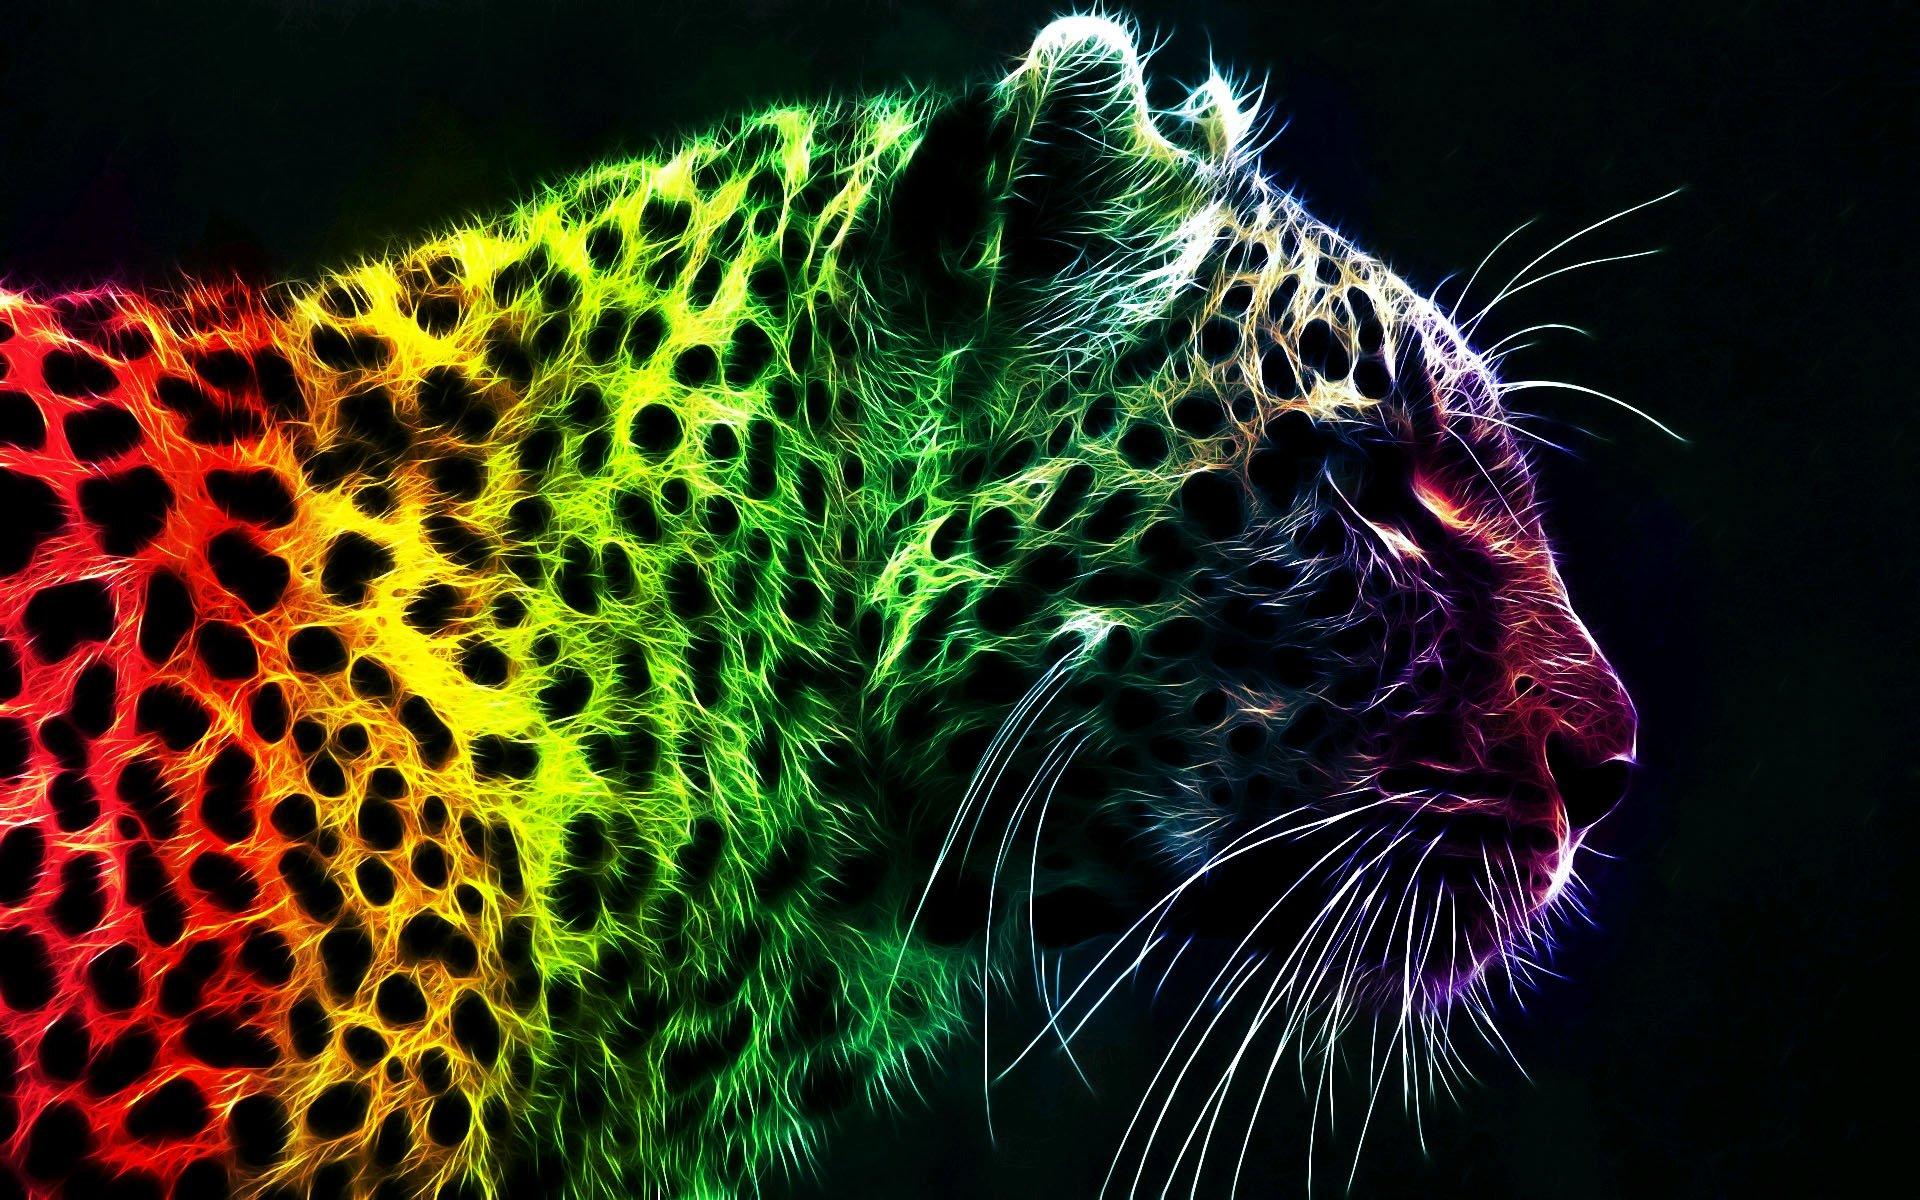 Neon animal wallpapers wallpapersafari - Animal black background wallpaper ...